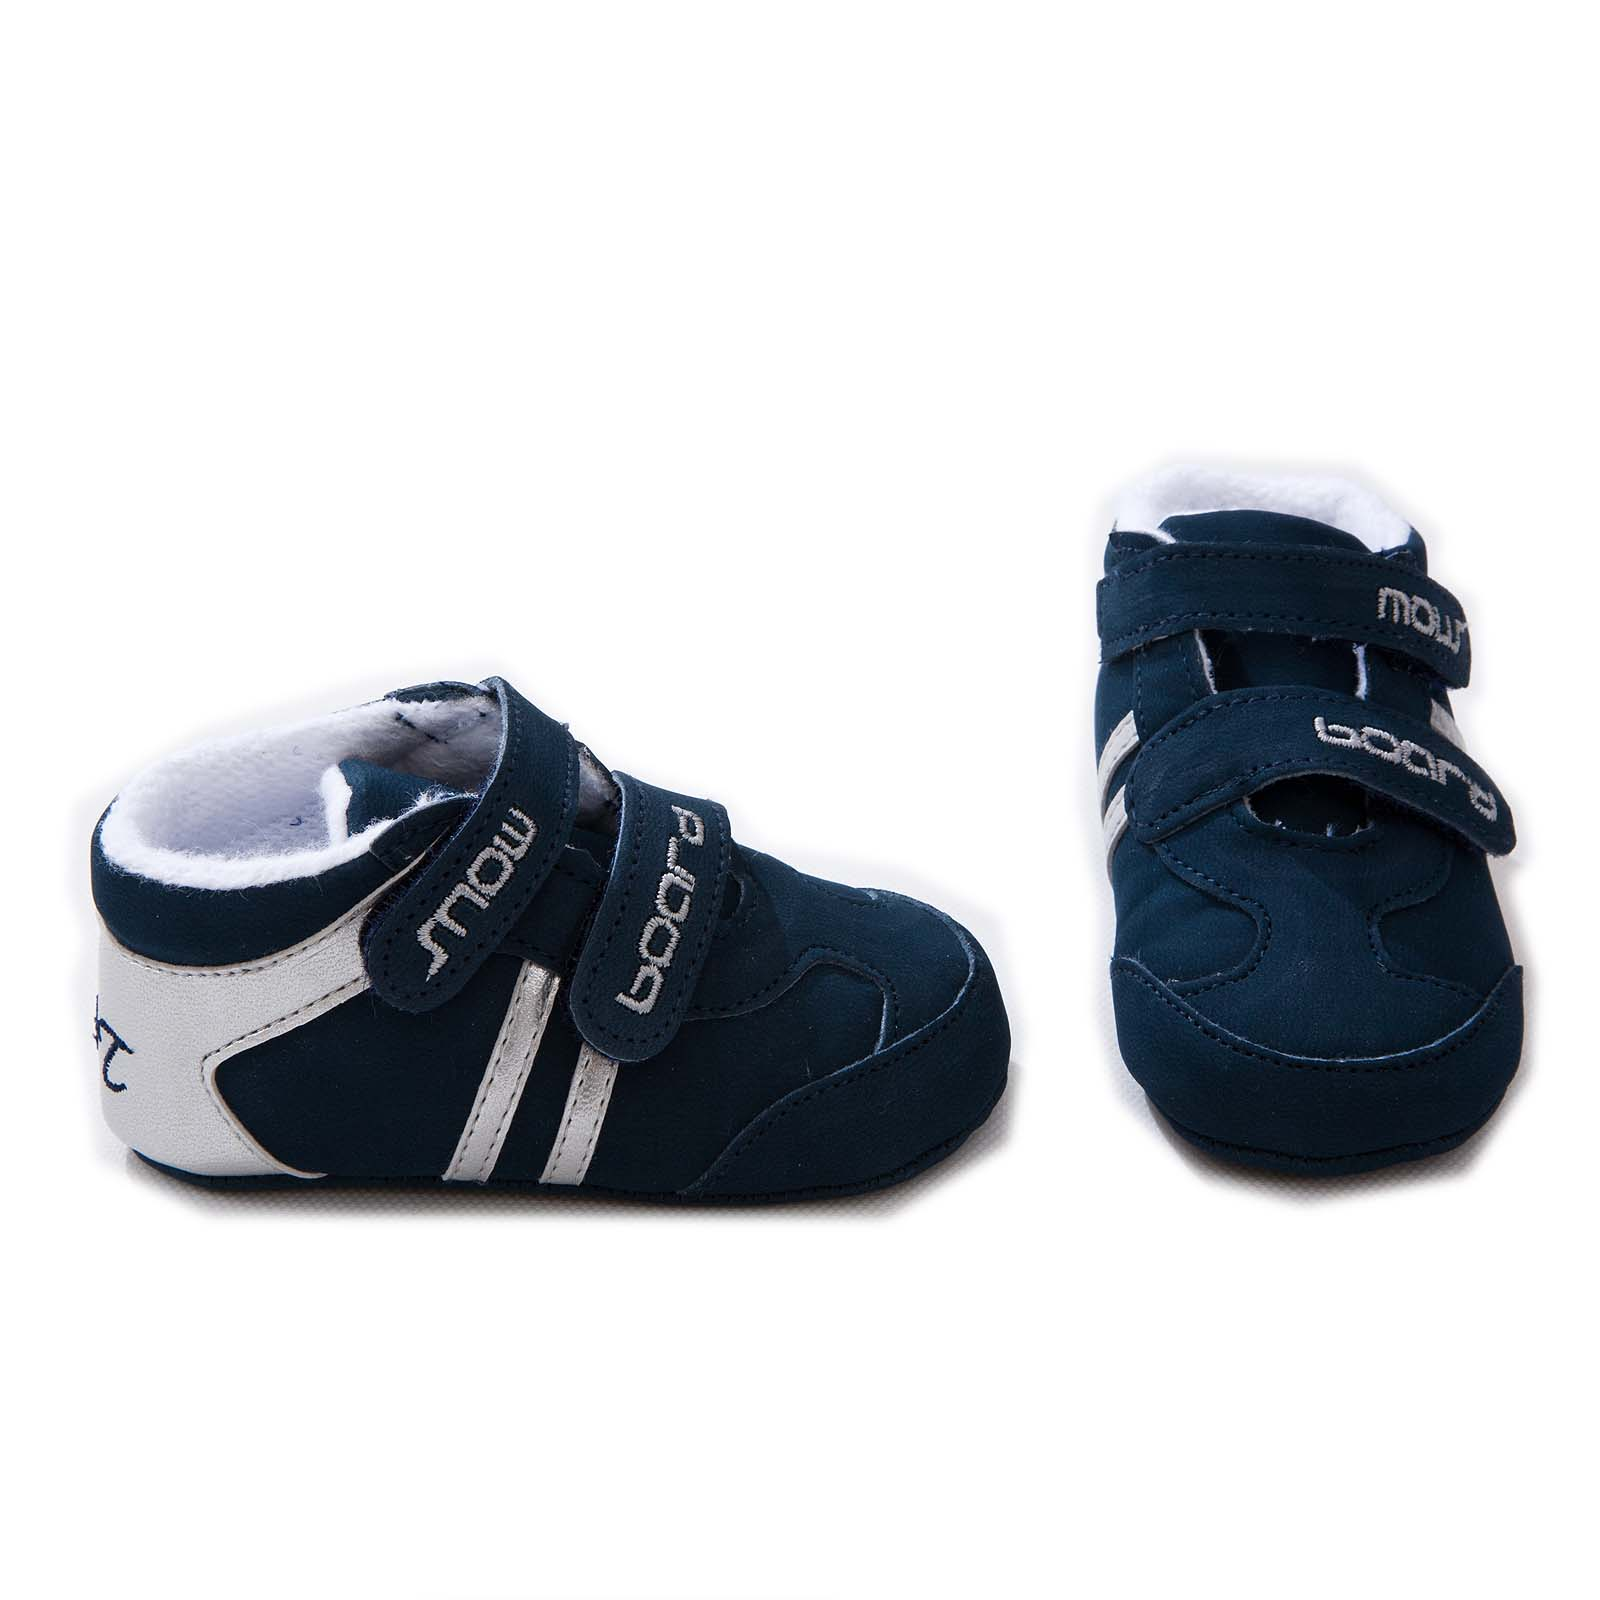 Детская обувь рабит интернет магазин 10